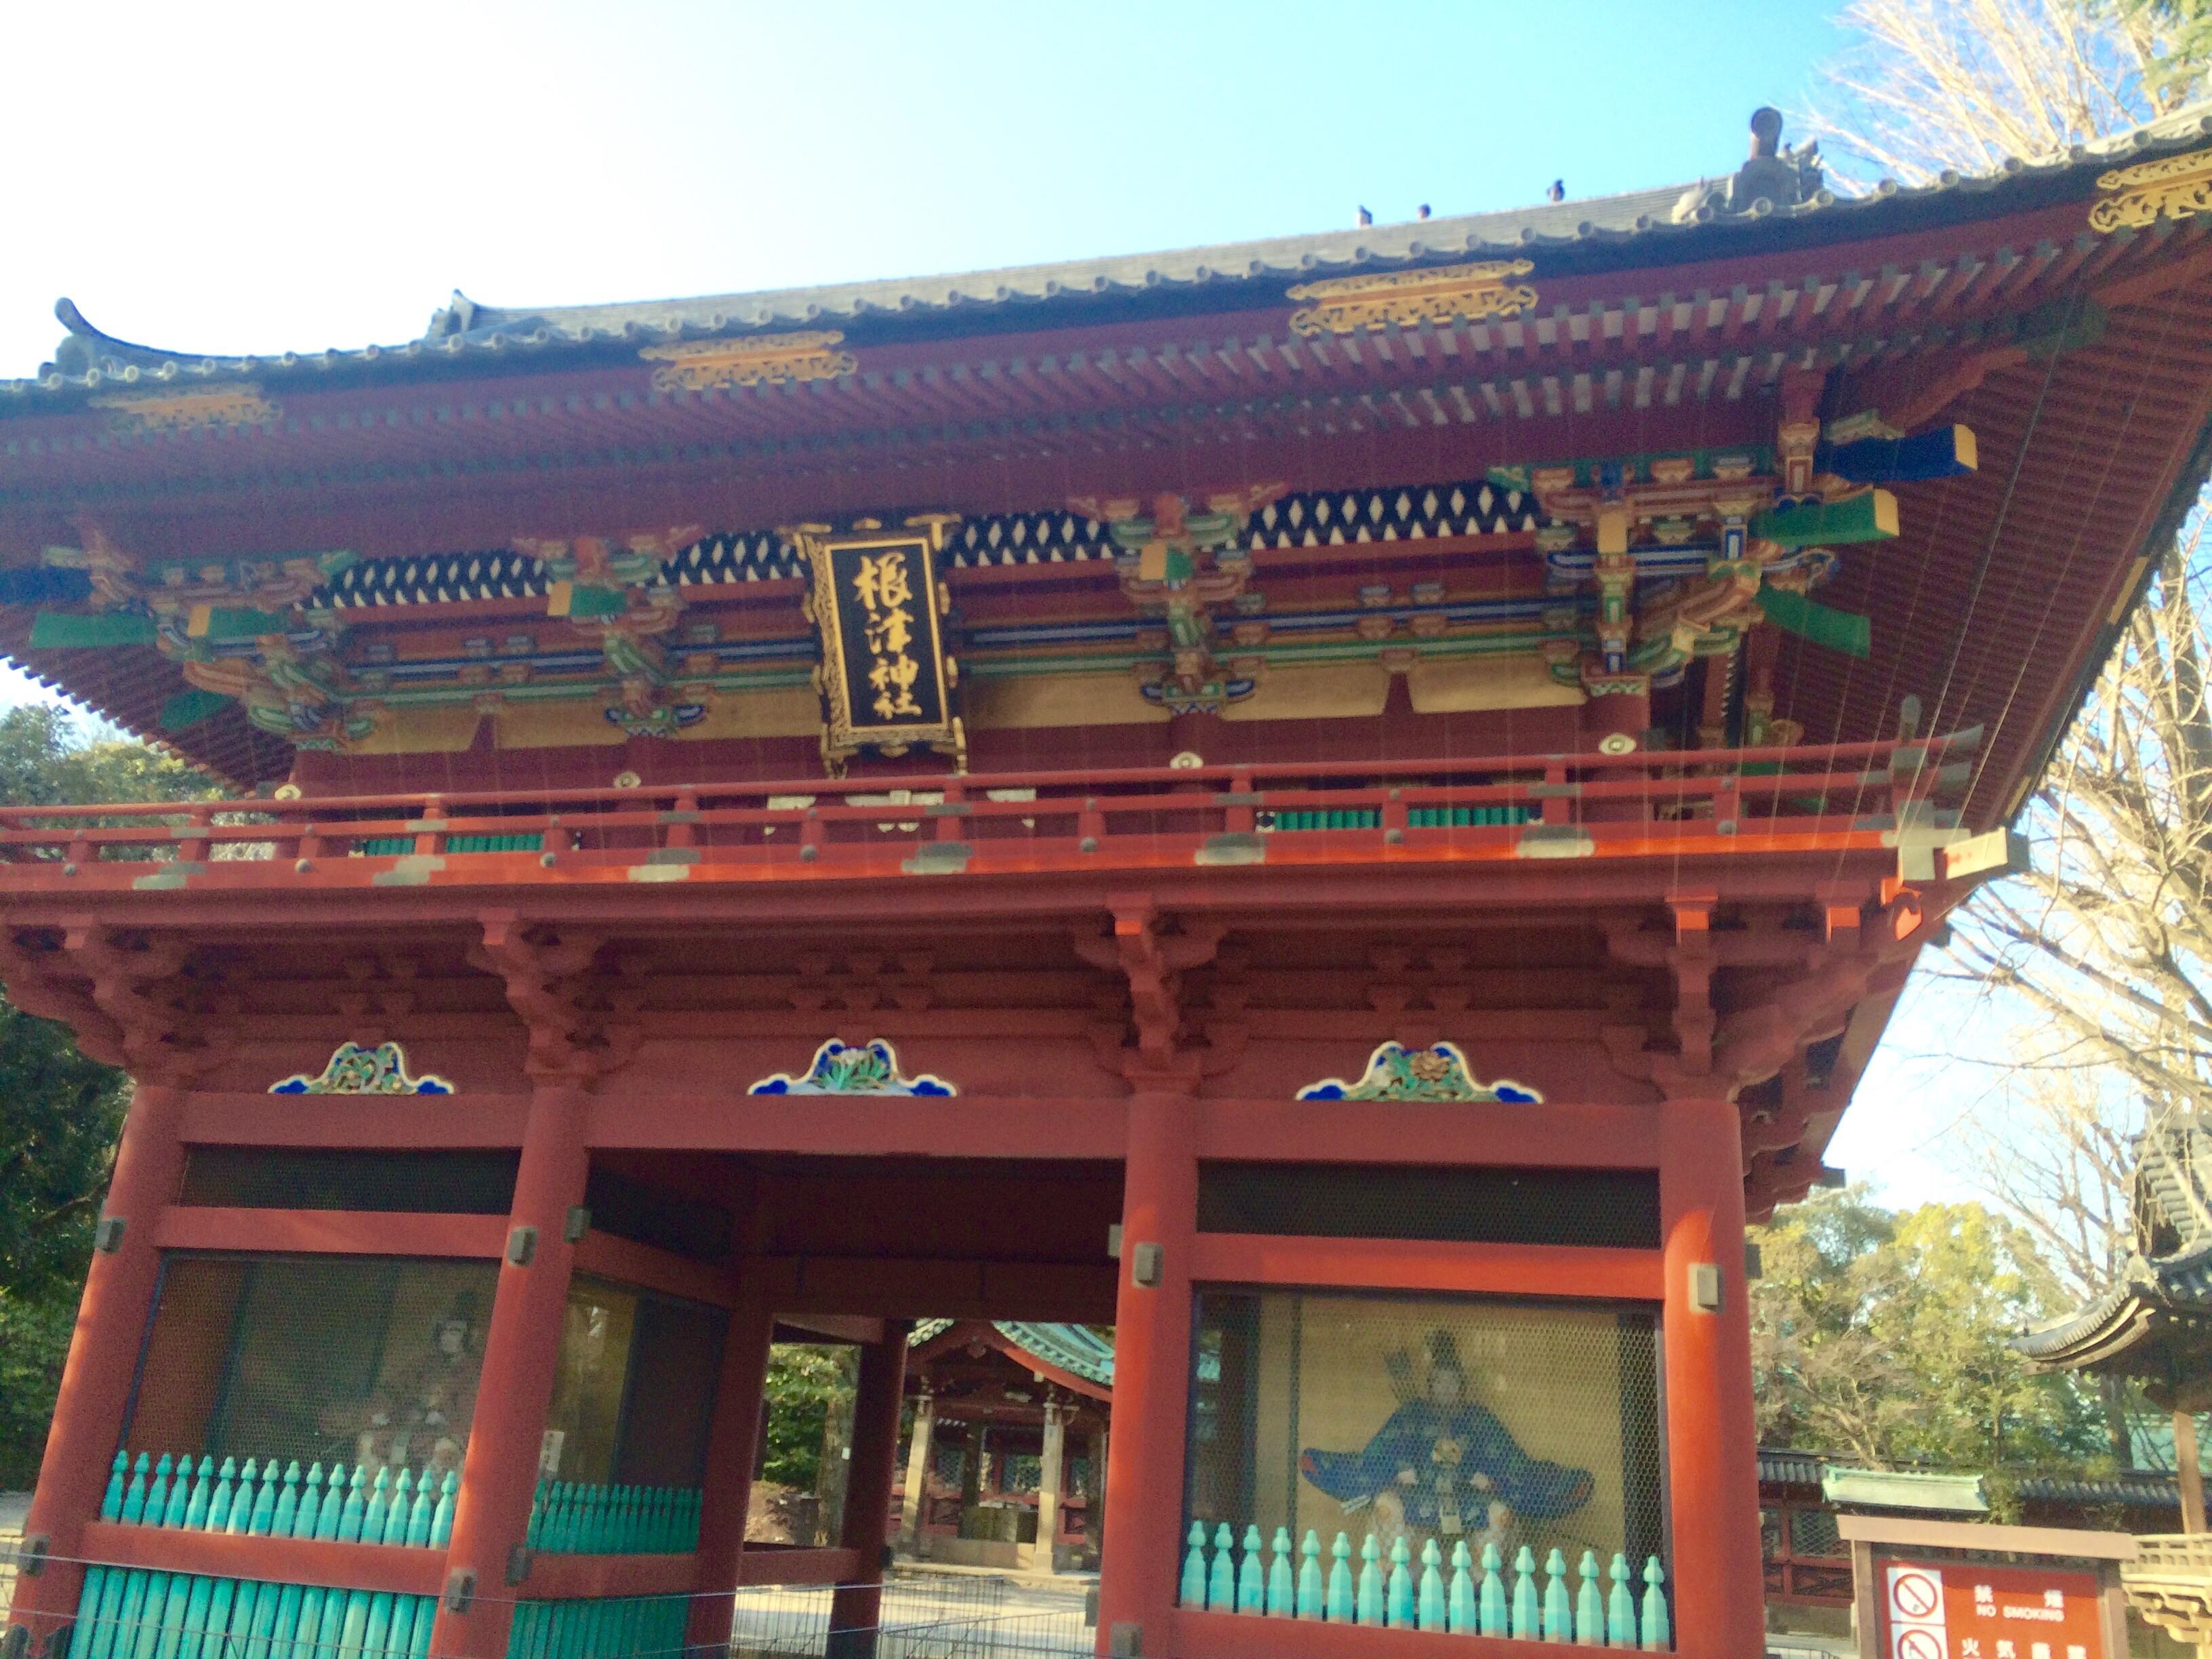 東京の観光スポット-根津神社-14